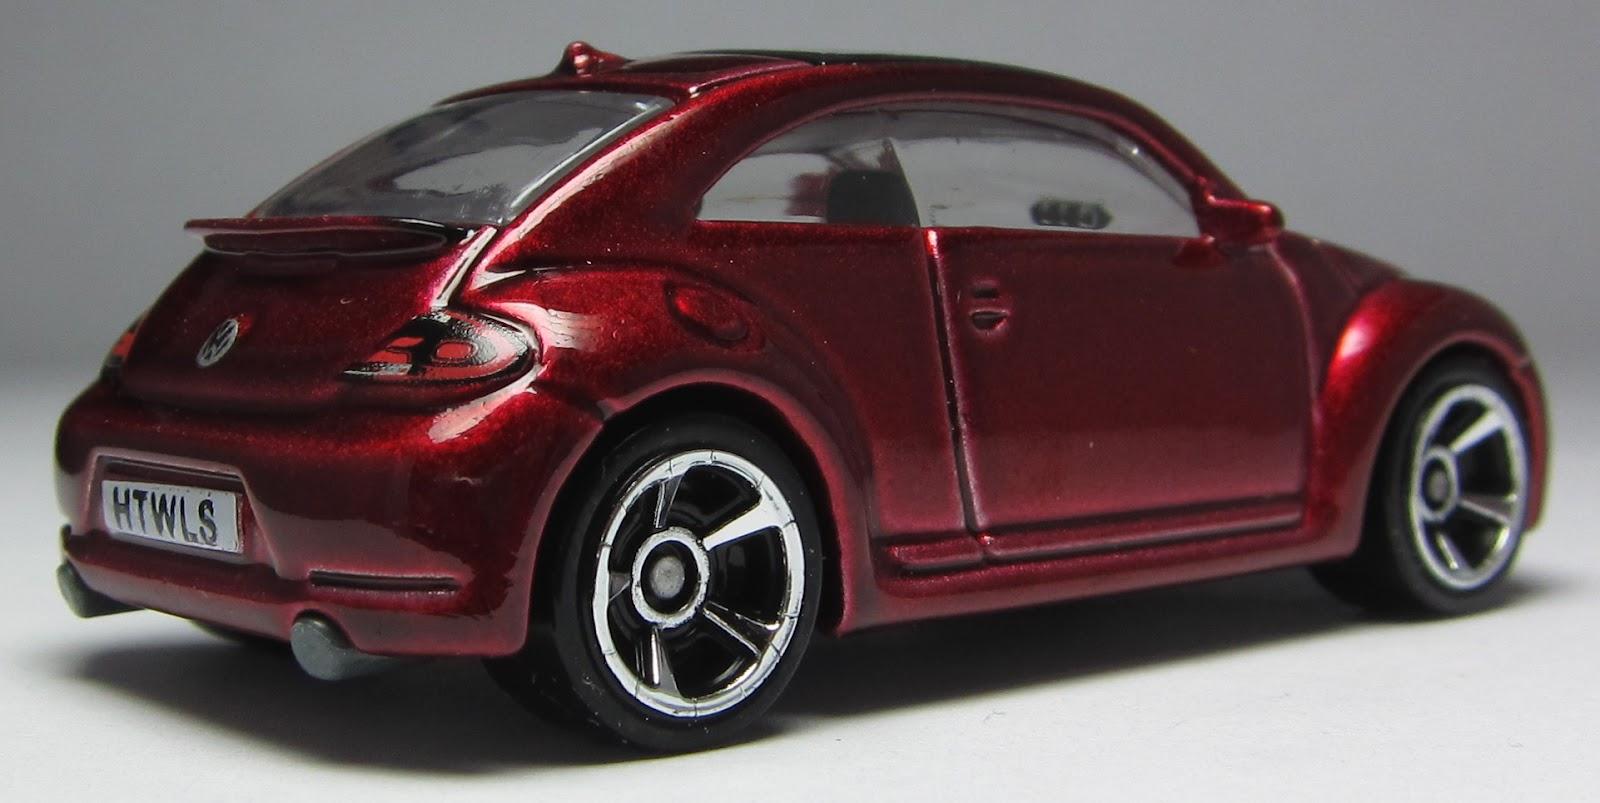 First look hot wheels 2012 volkswagen beetle